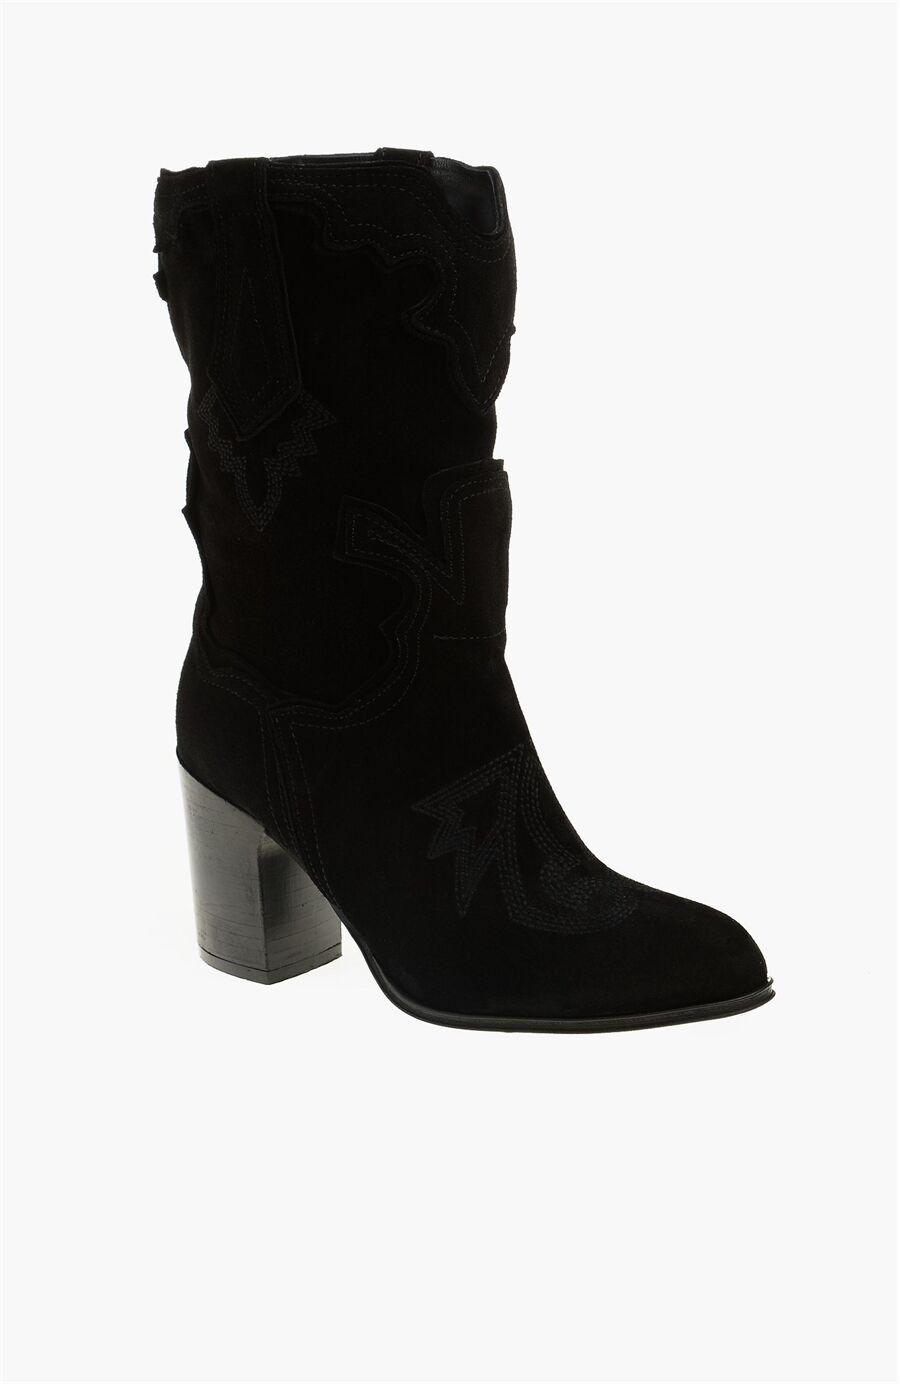 Dıvarese Süet Siyah Çizme – 399.0 TL